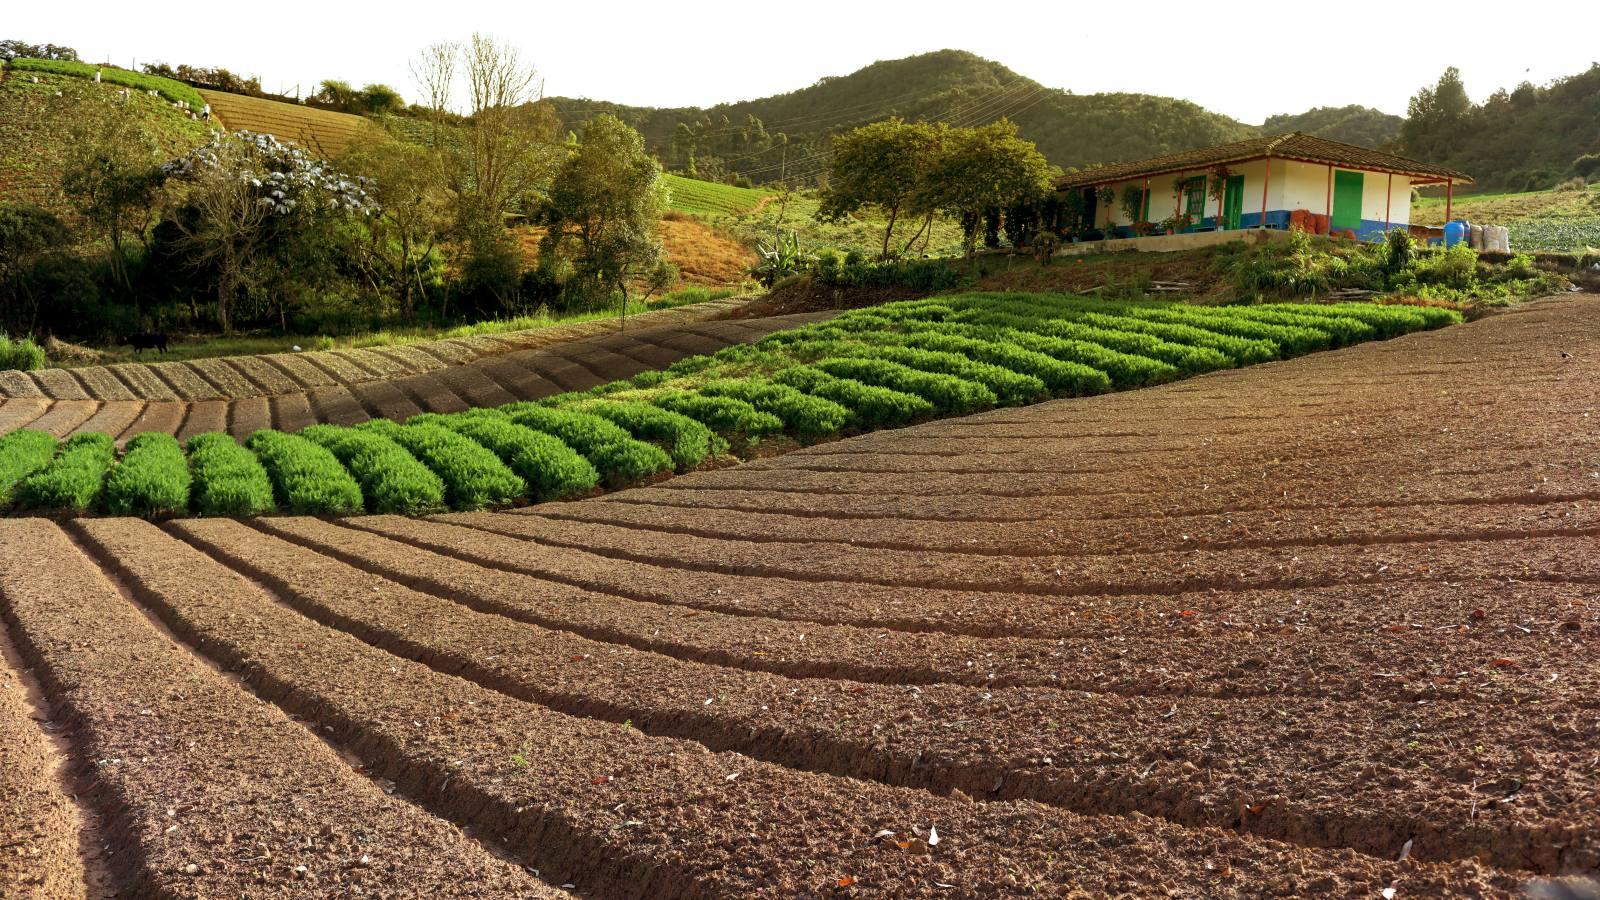 150 millones de dólares para cerrar conflictos por uso de la tierra en Colombia